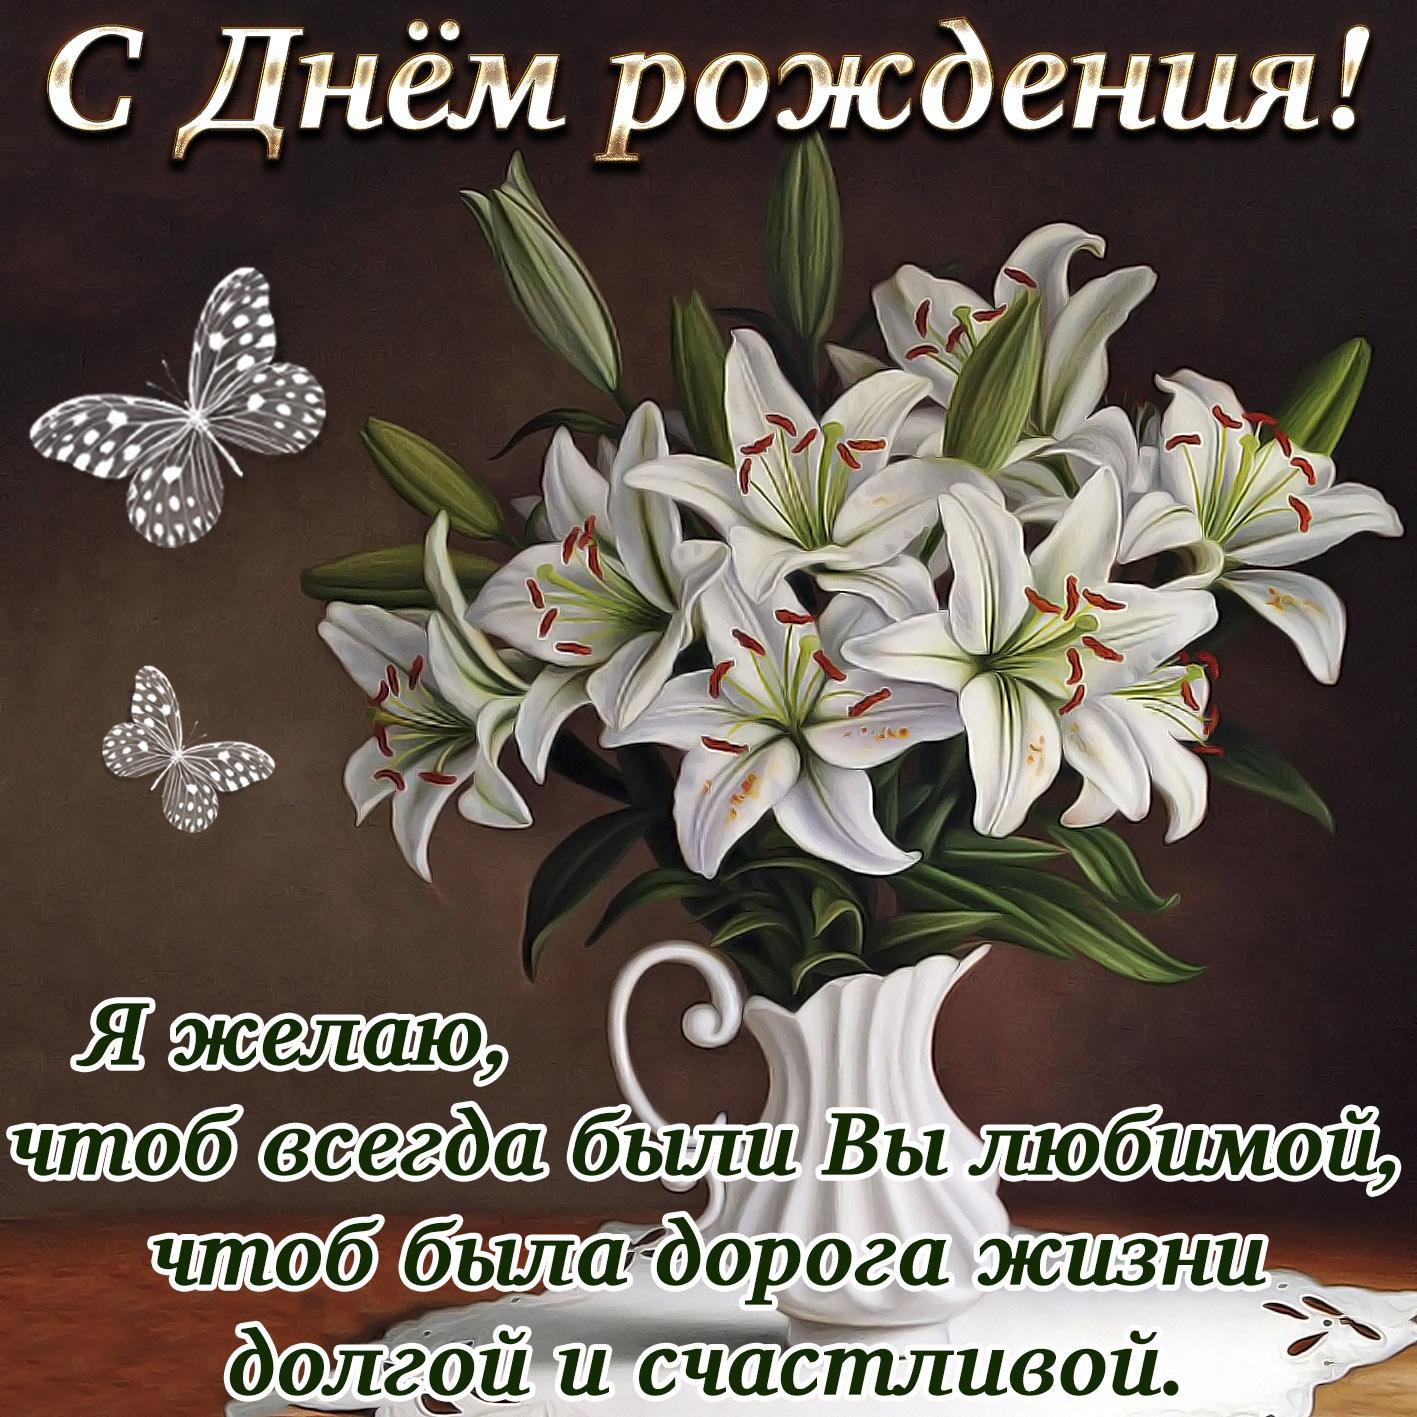 Открытка на День рождения - букет белых цветов в вазе на красивом фоне